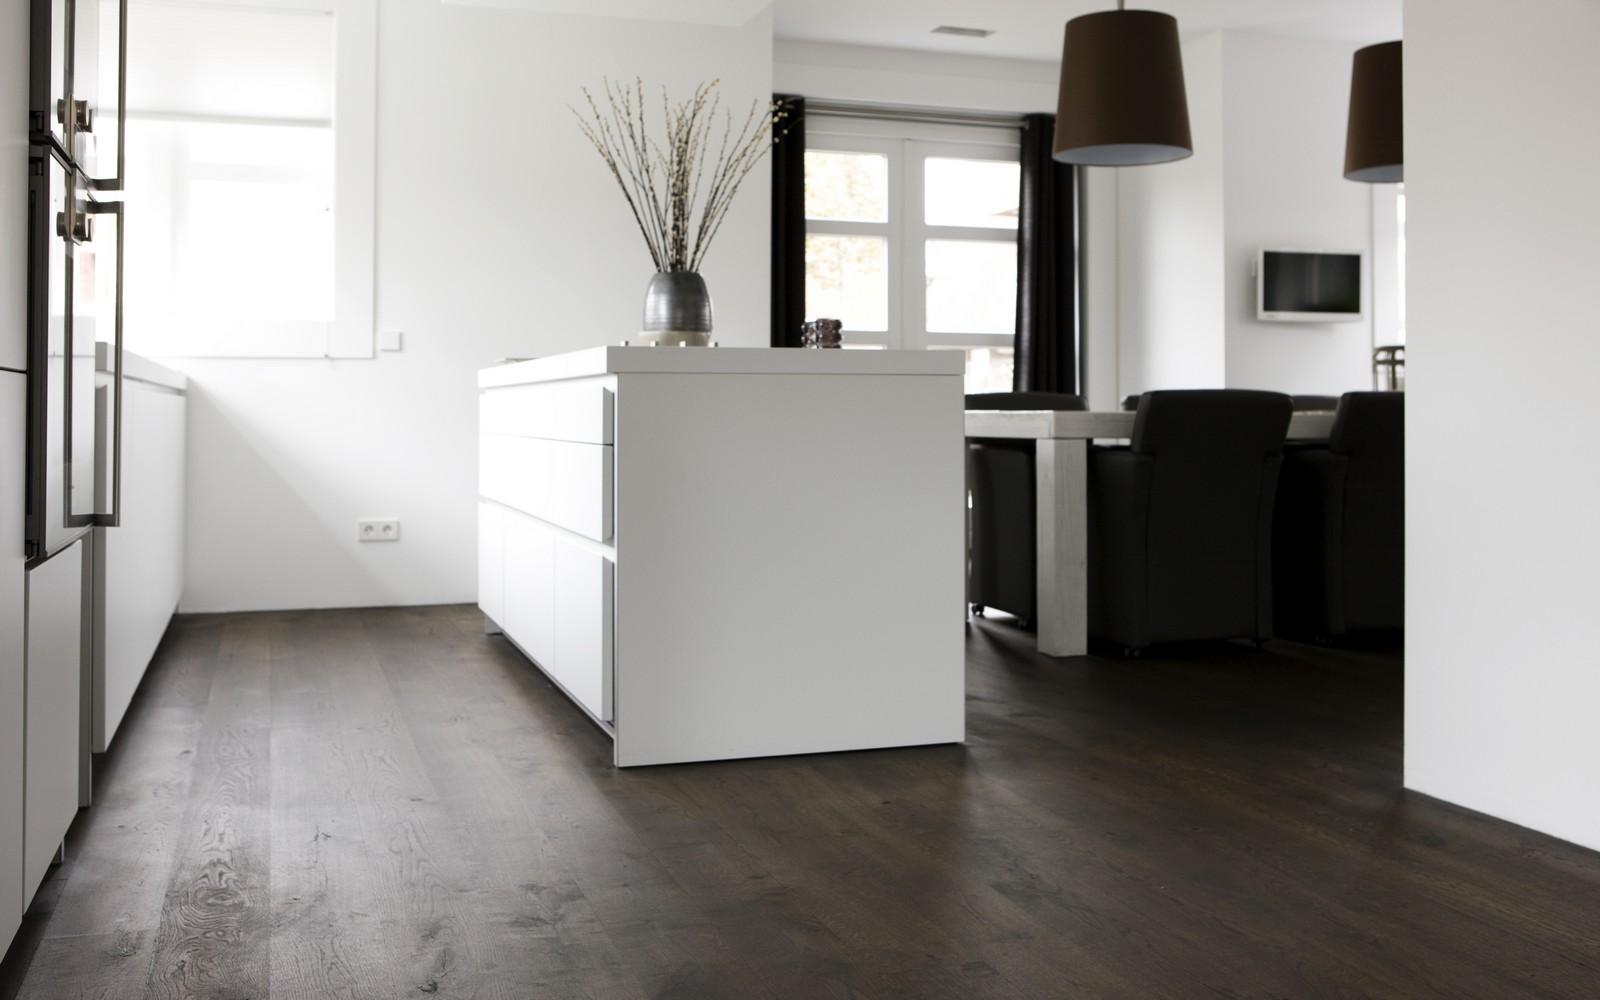 Donkere vloer witte keuken tg wonen woonmagazine - Hout en witte keuken ...